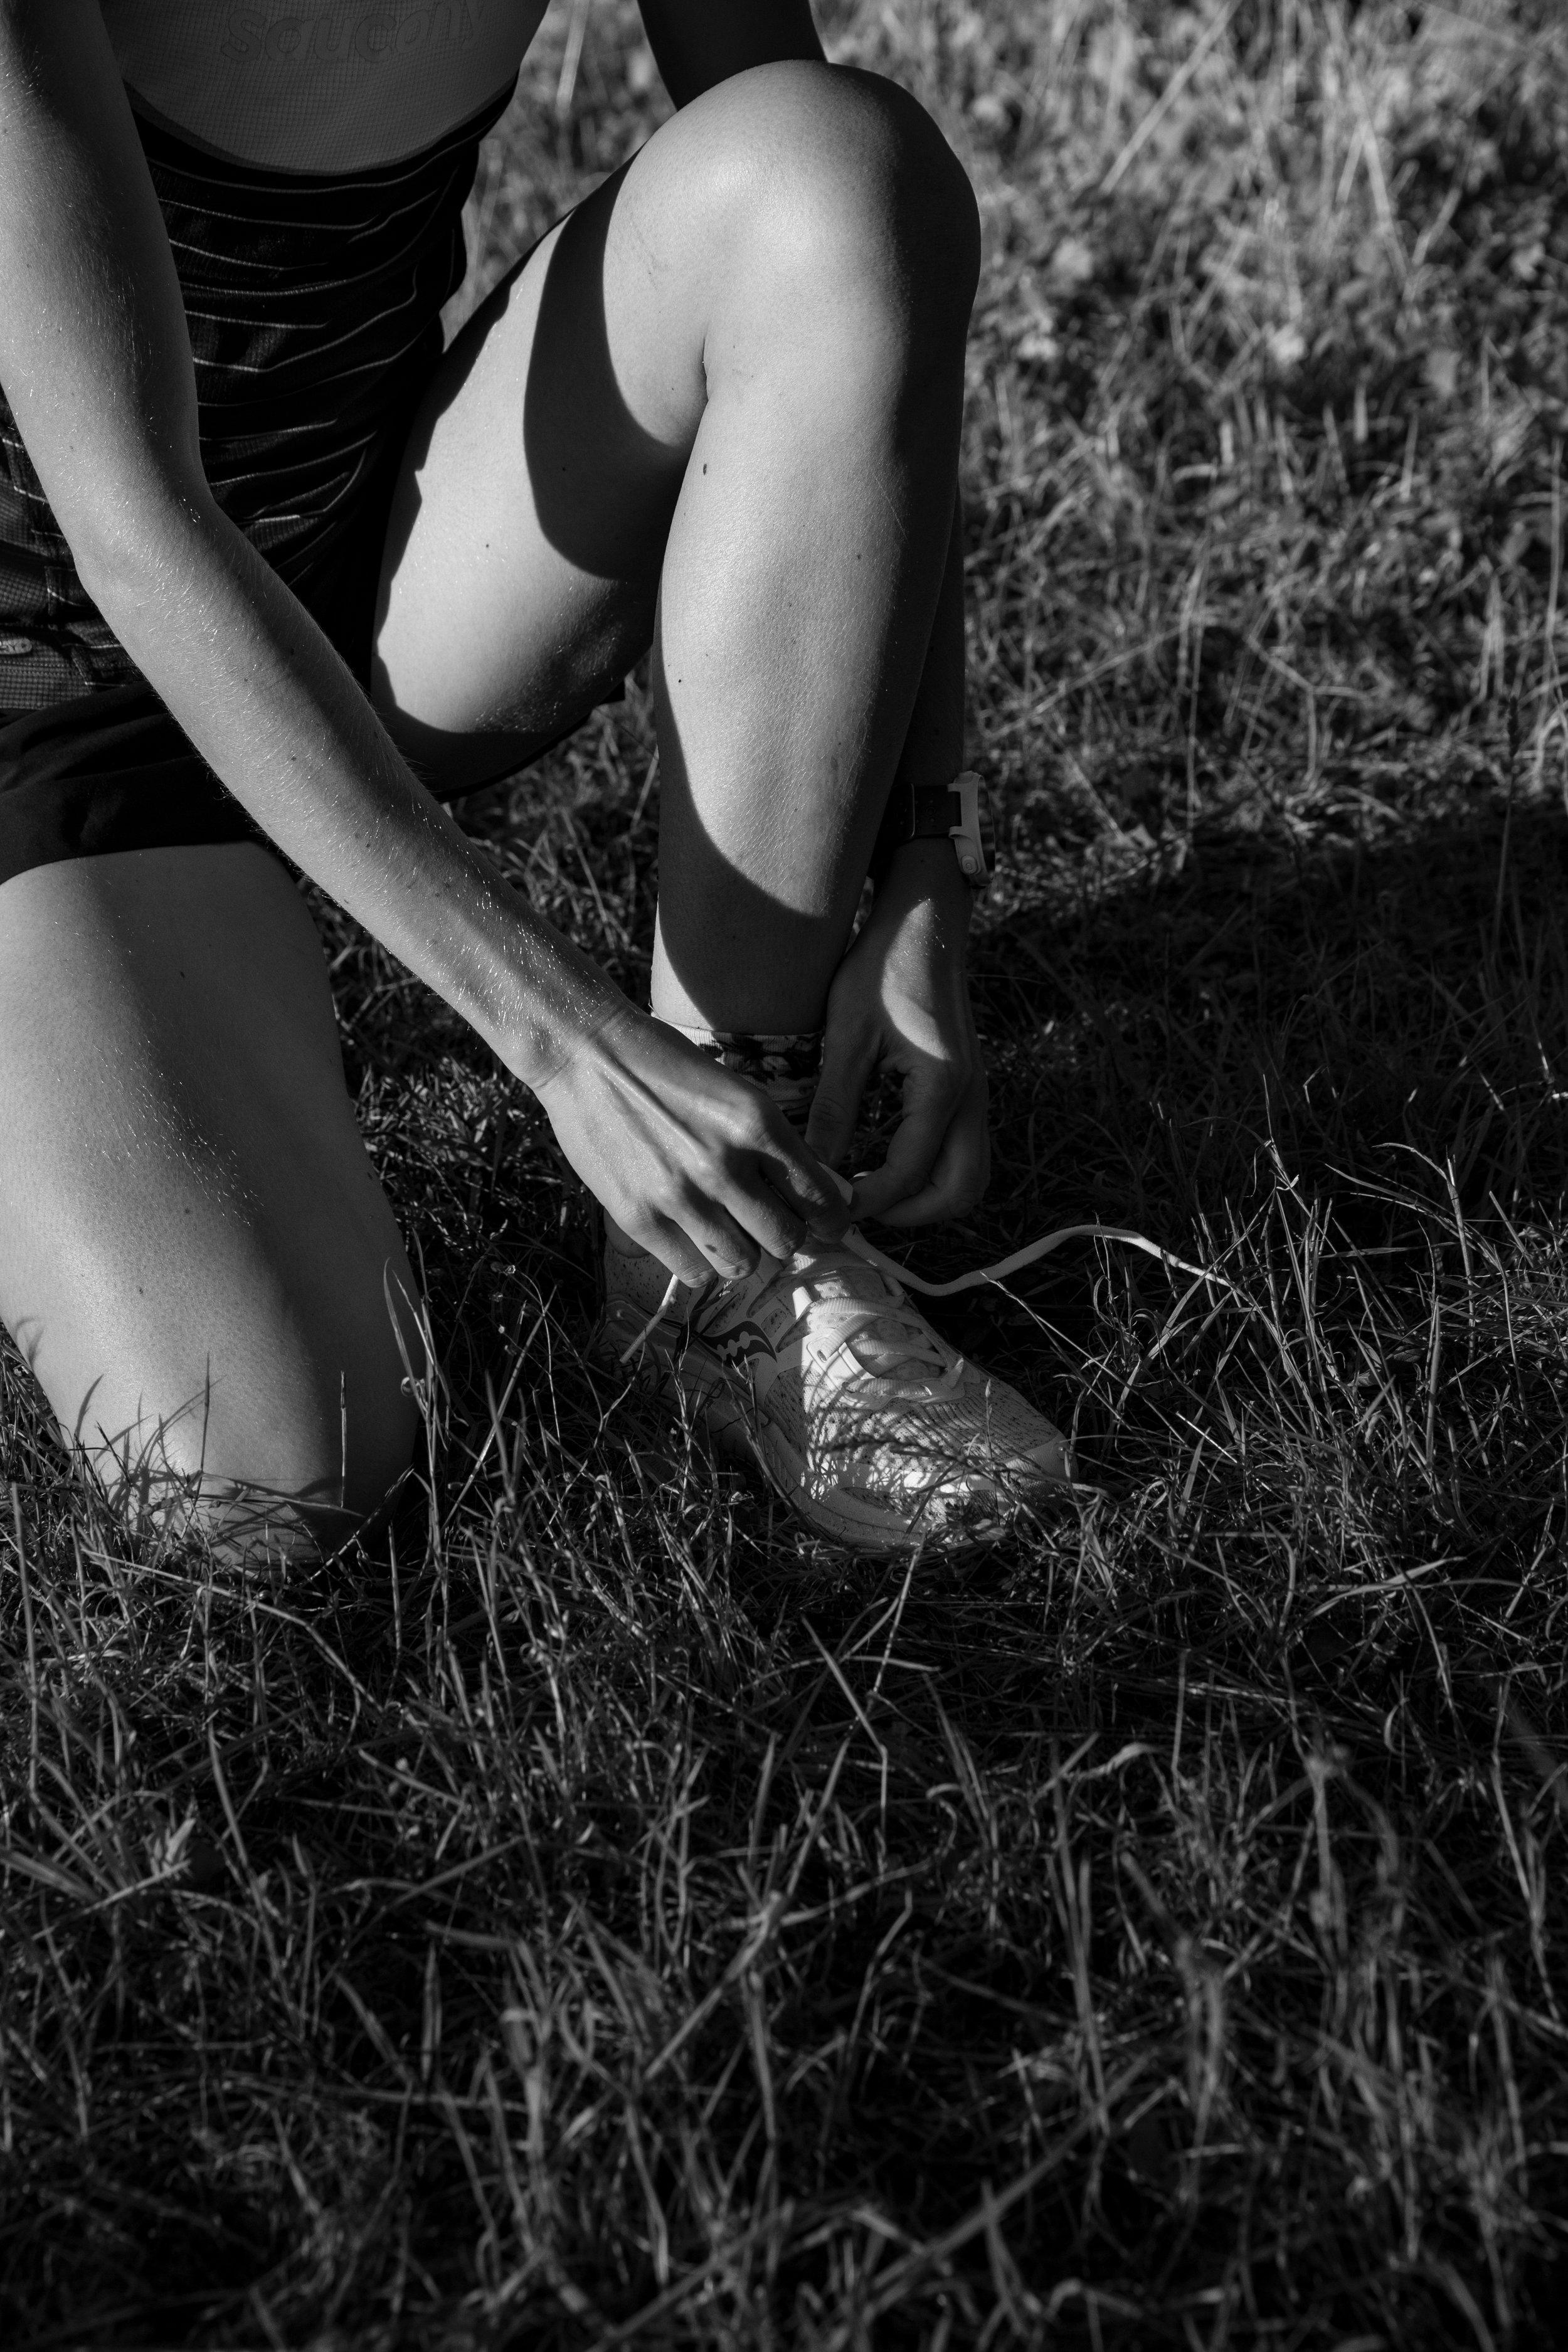 Anna_Running-3.jpg